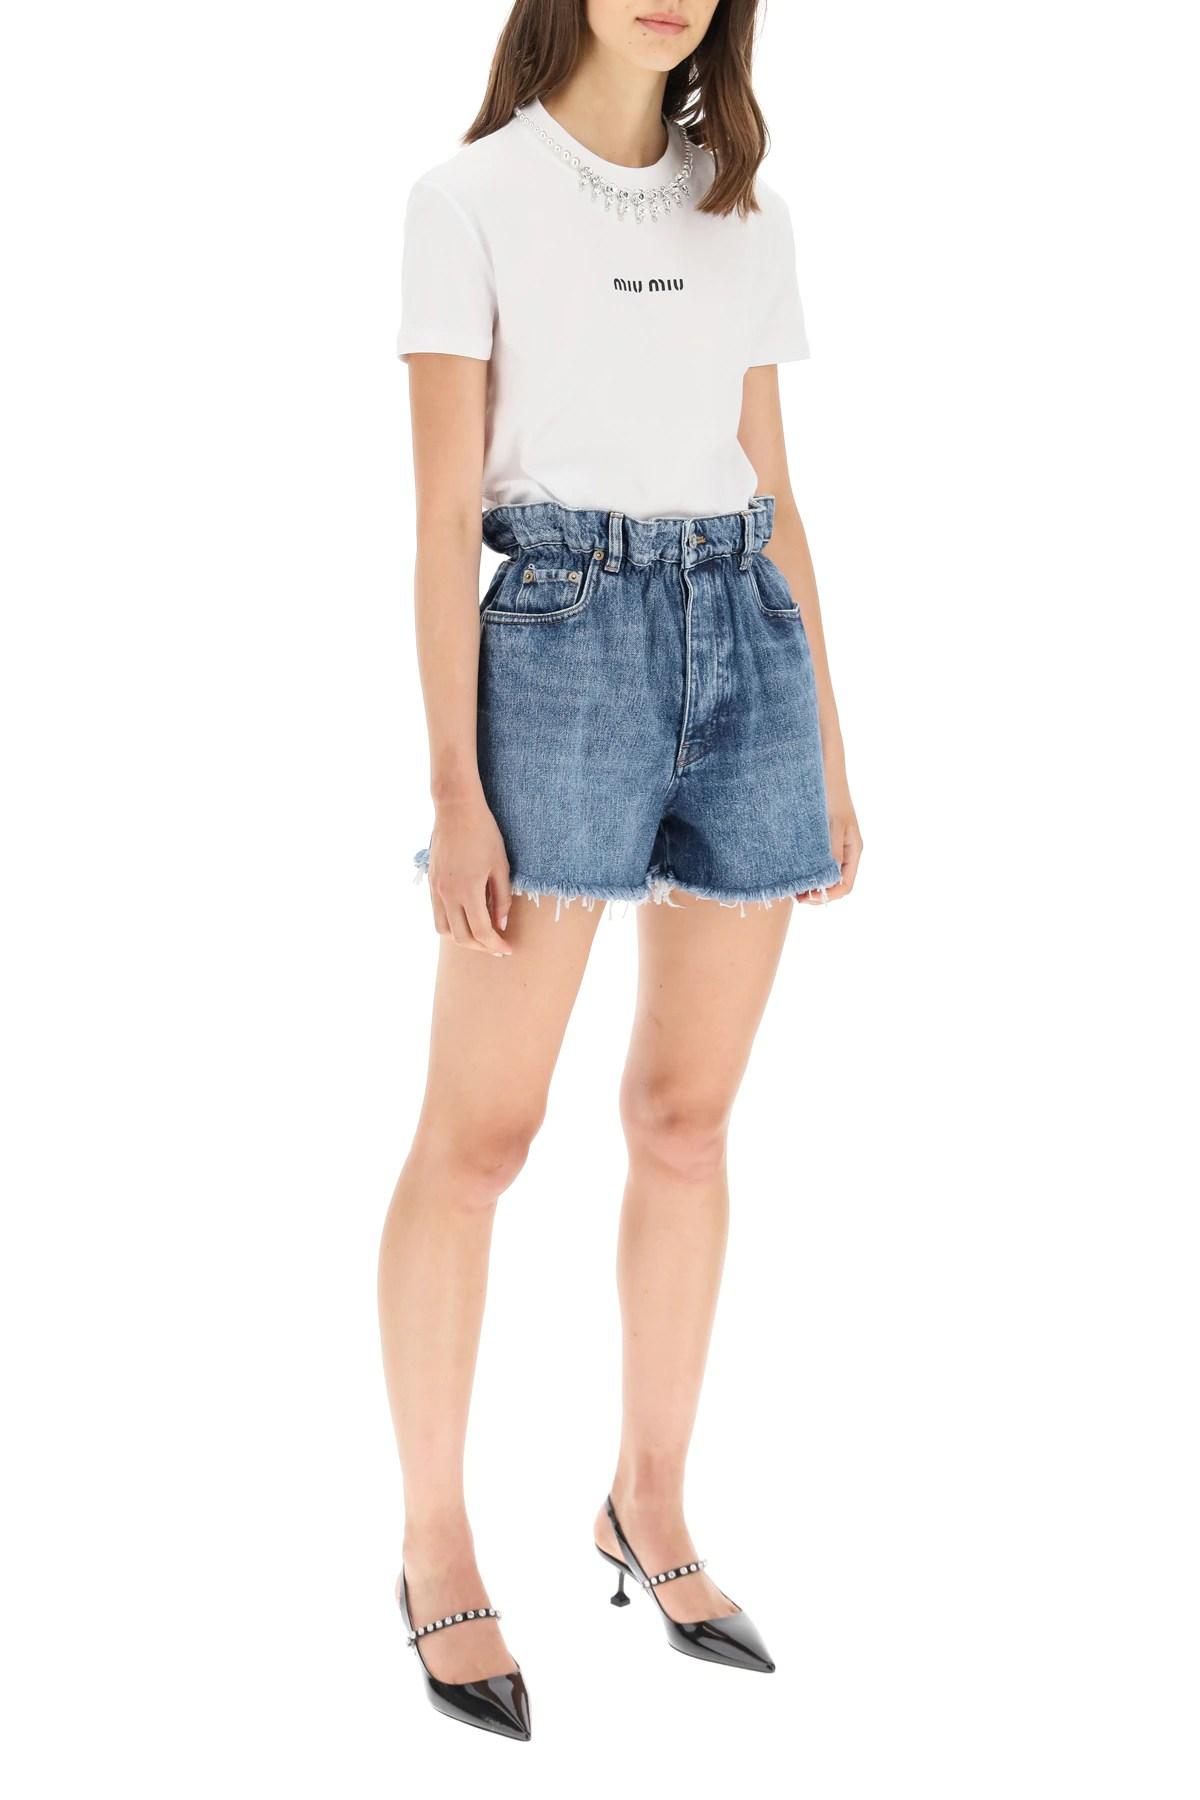 Shorts estate 2021, i modelli più trendy